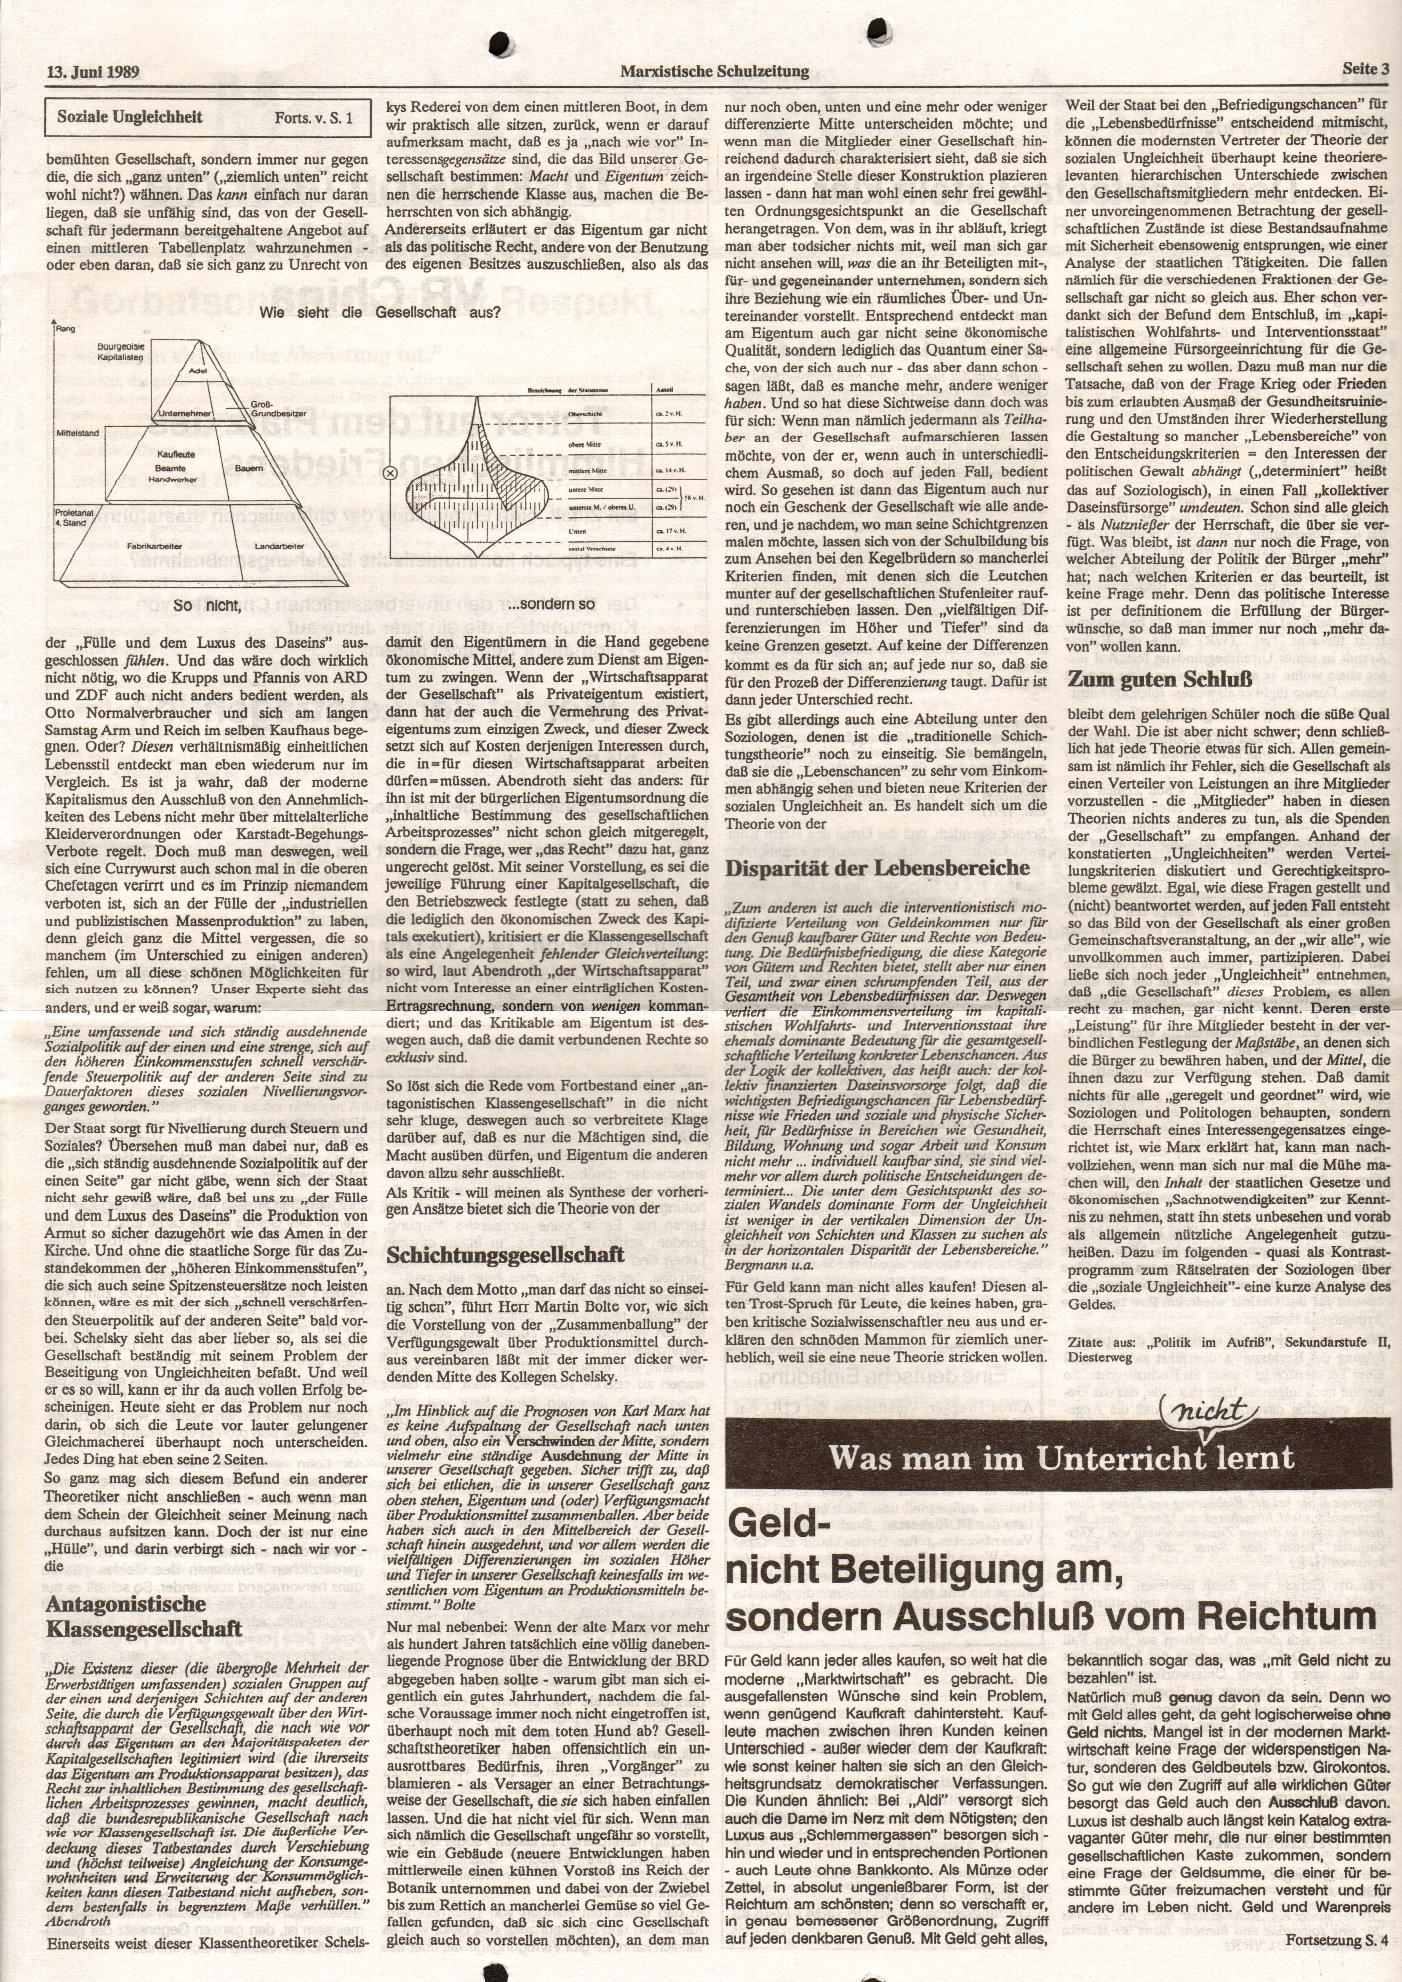 Ruhrgebiet_MG_Marxistische_Schulzeitung_19890613_03